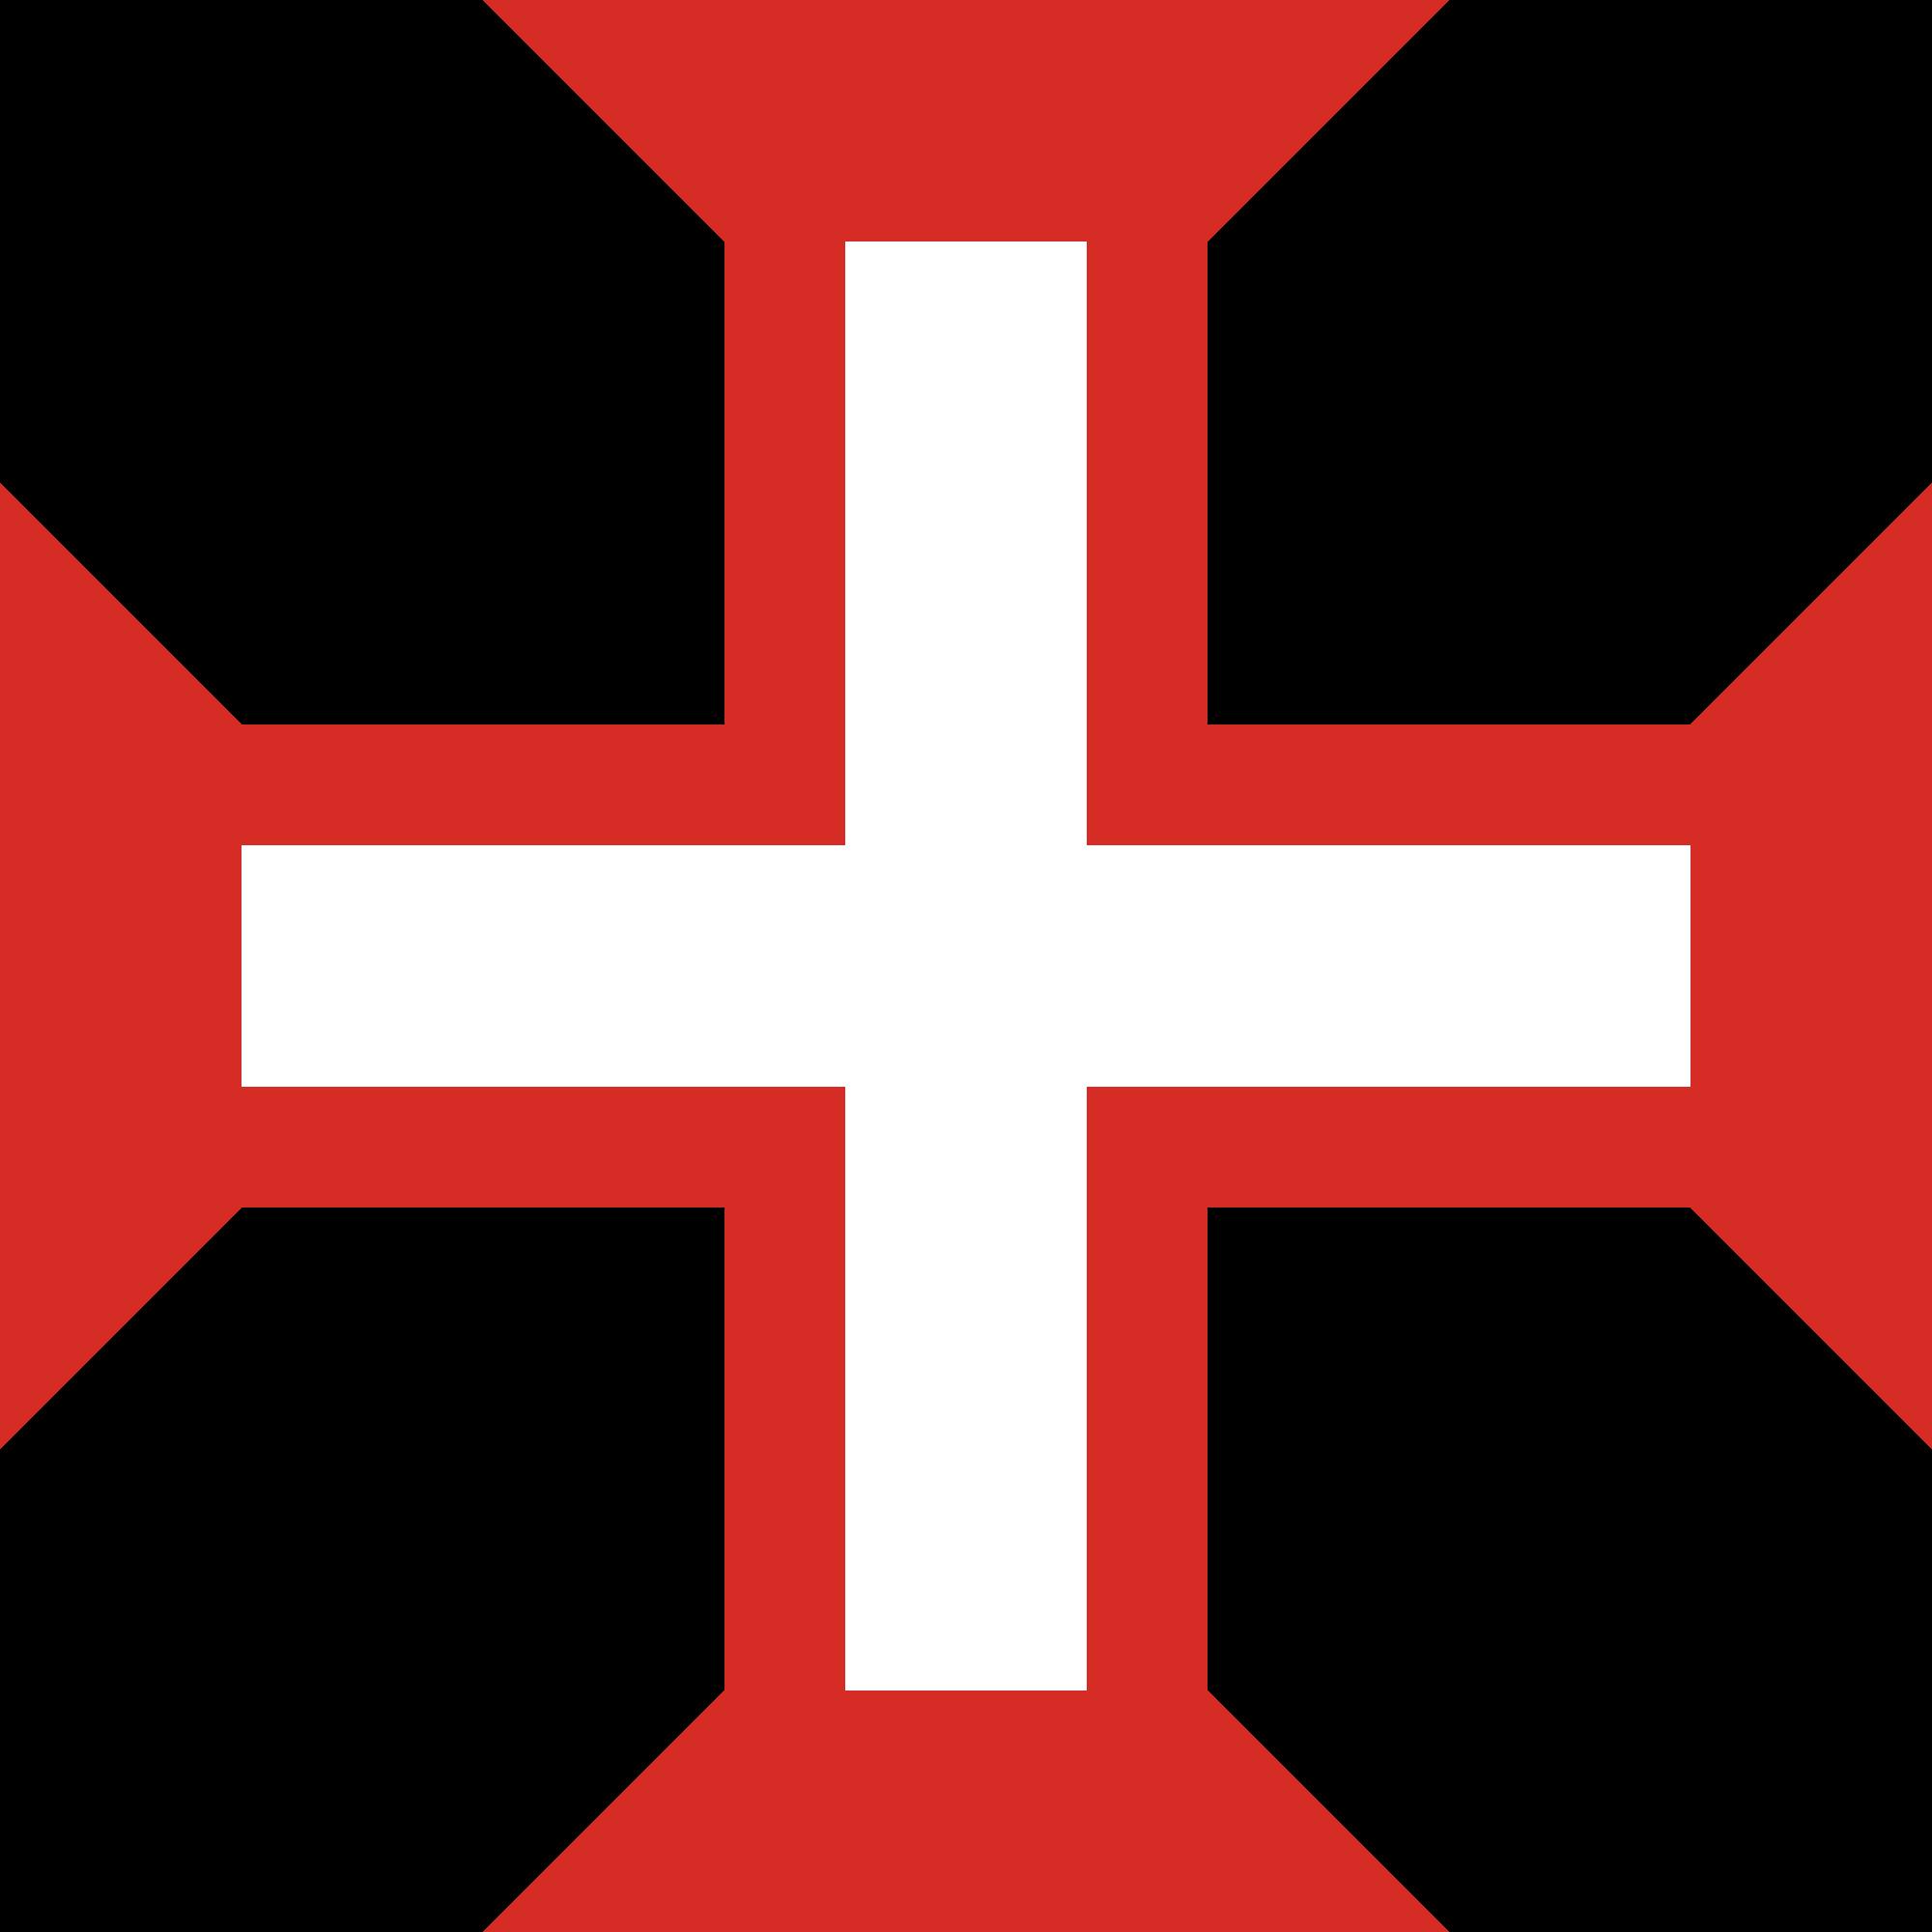 Primeira bandeira brasileira: Bandeira da ordem de cristo